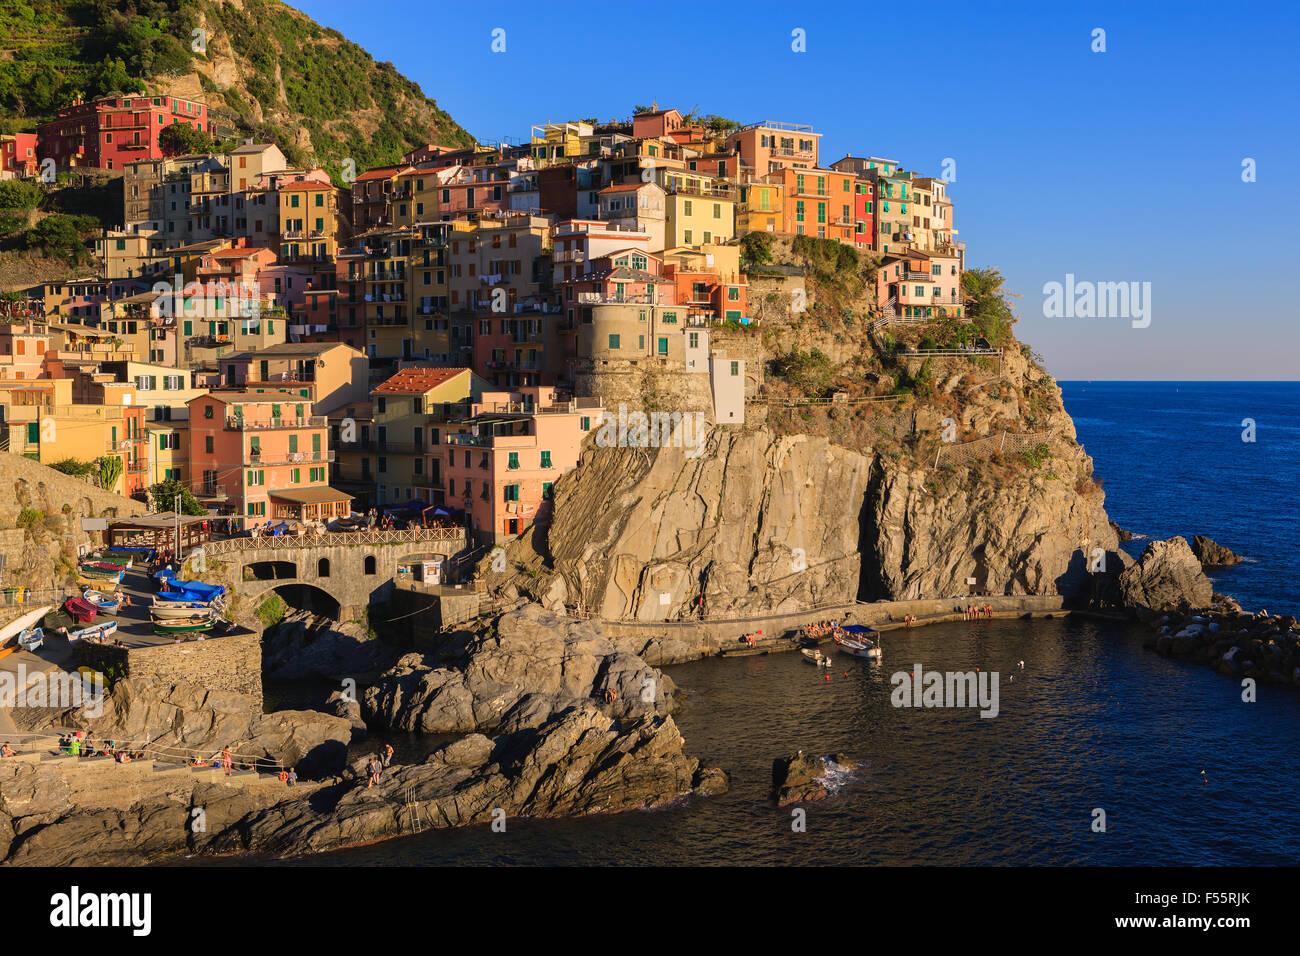 Manarola es una ciudad y comuna ubicada en la provincia de La Spezia, Liguria, en el noroeste de Italia. Foto de stock